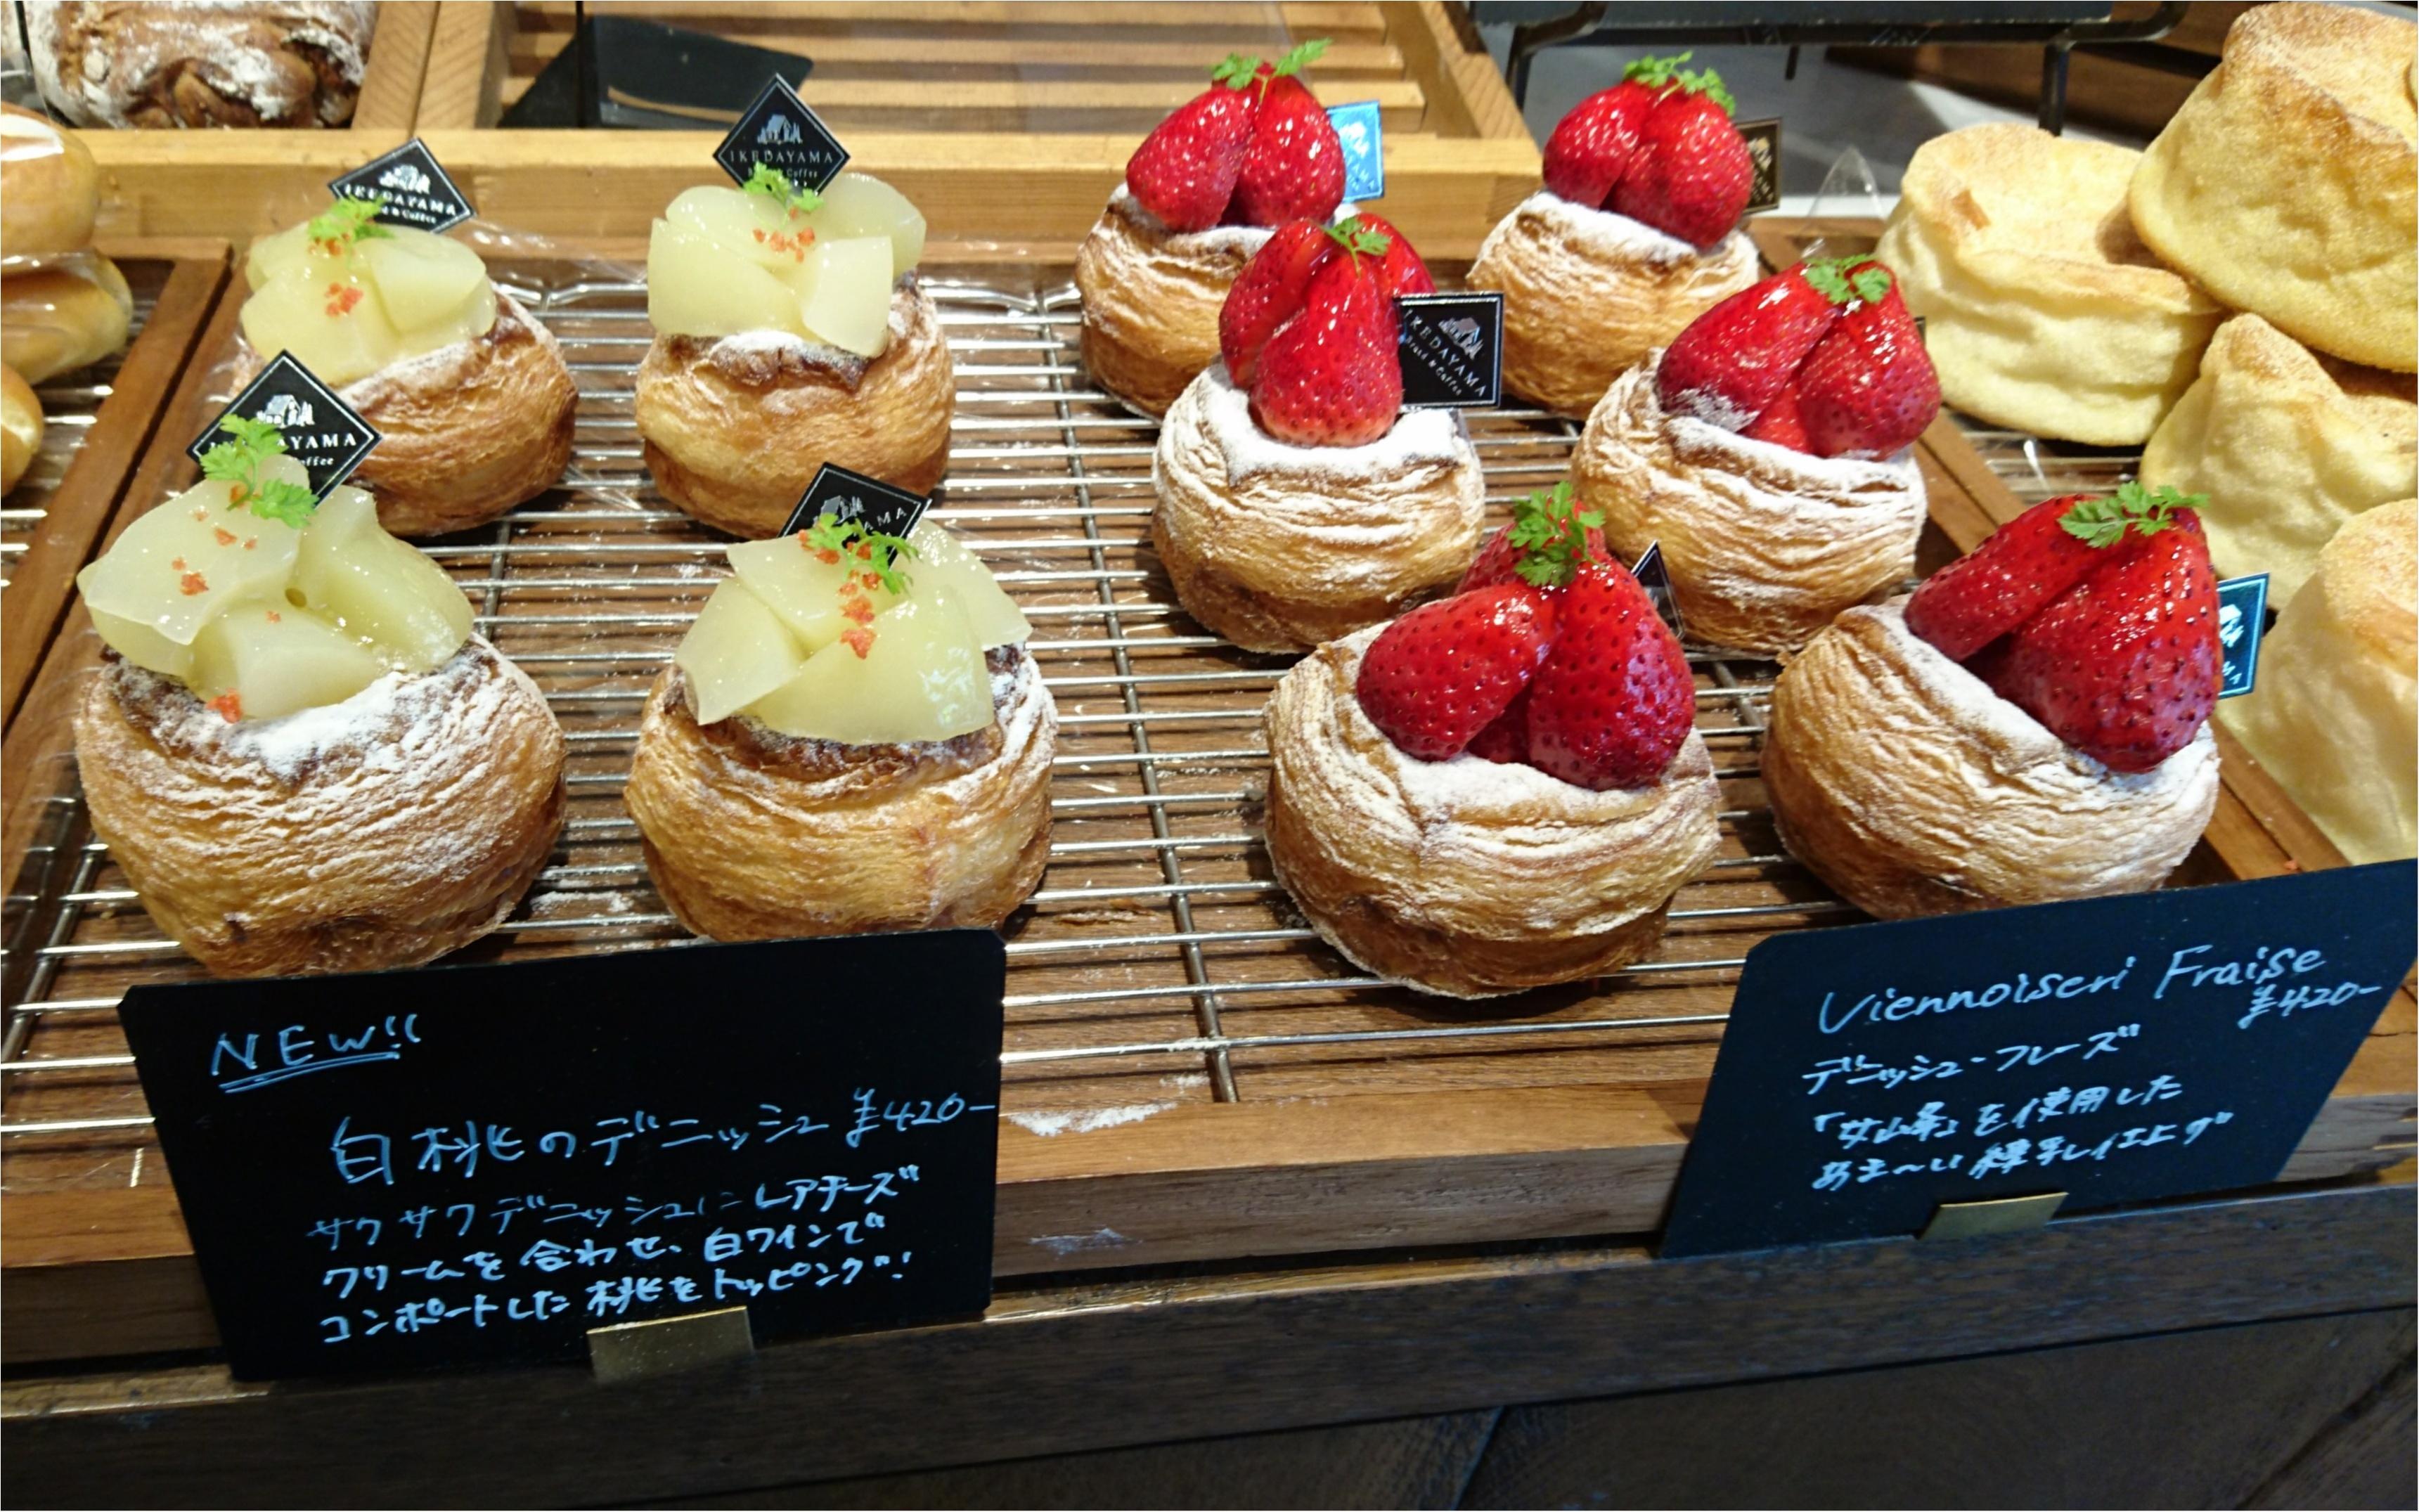 パン好きは必見!五反田にておしゃれなおいしいパン屋さんを発見(。・ω・。)_2_1